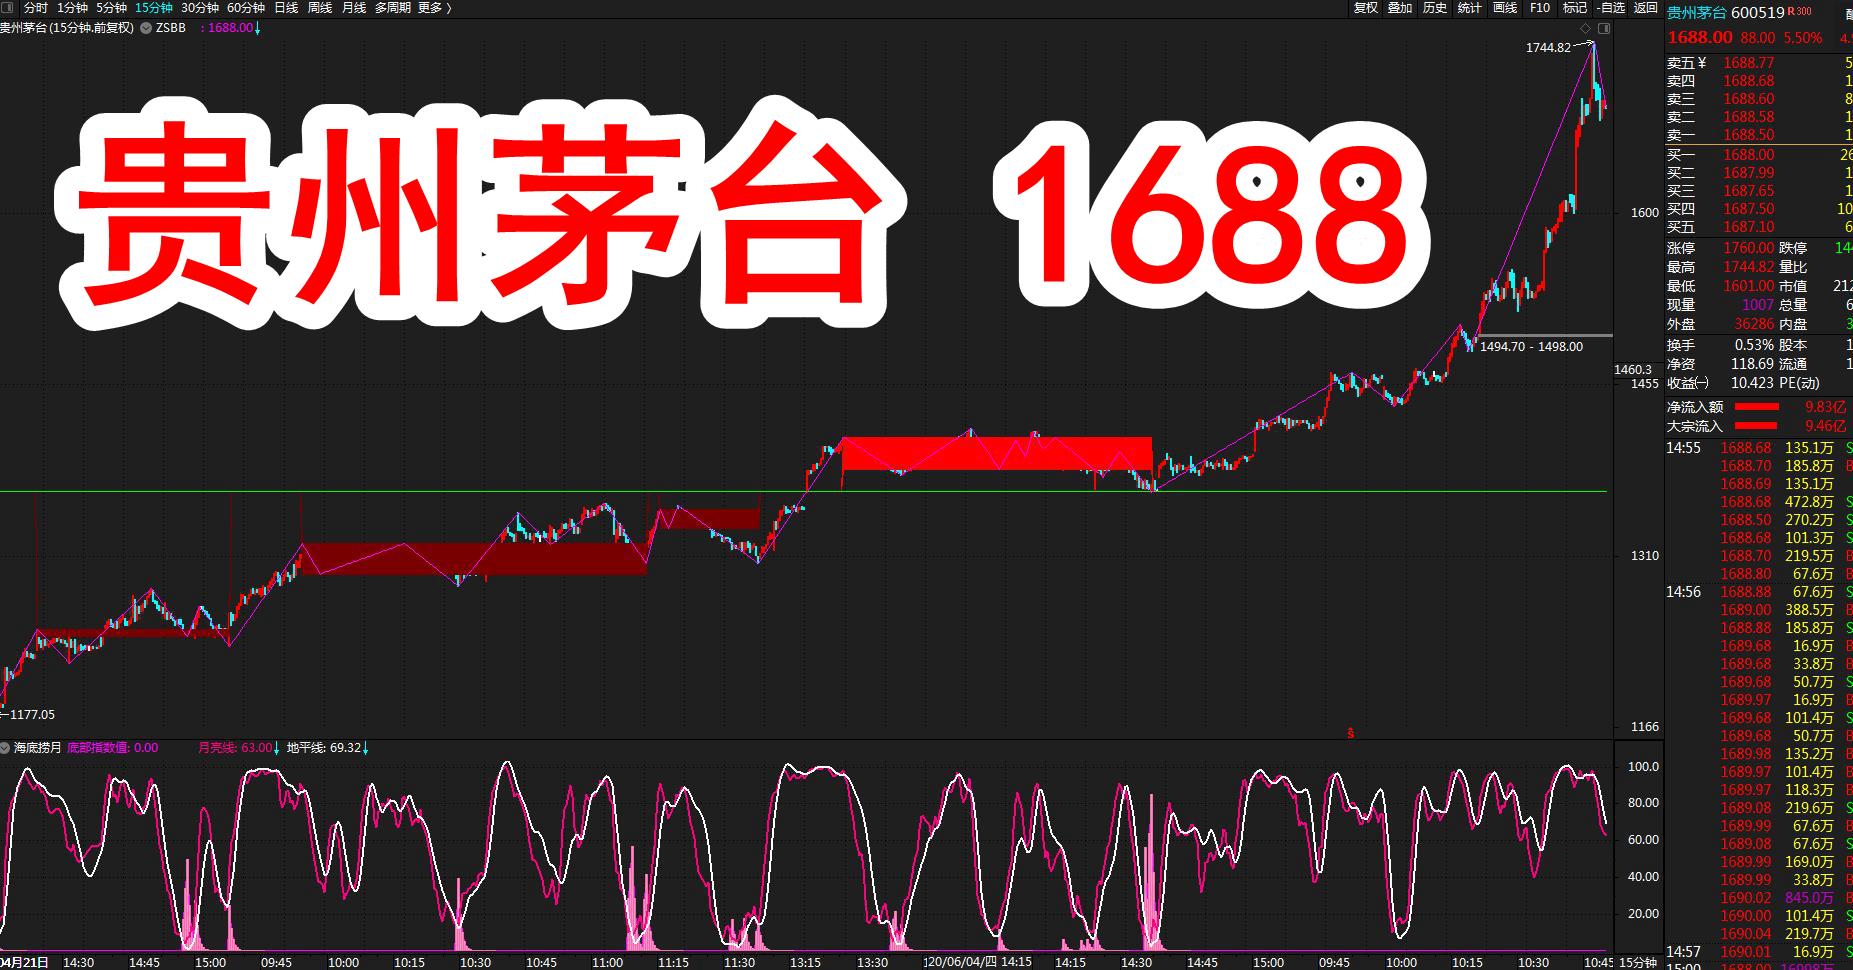 A股牛市继续放量,贵州茅台牛市(600519)股价1688!(7月7日)